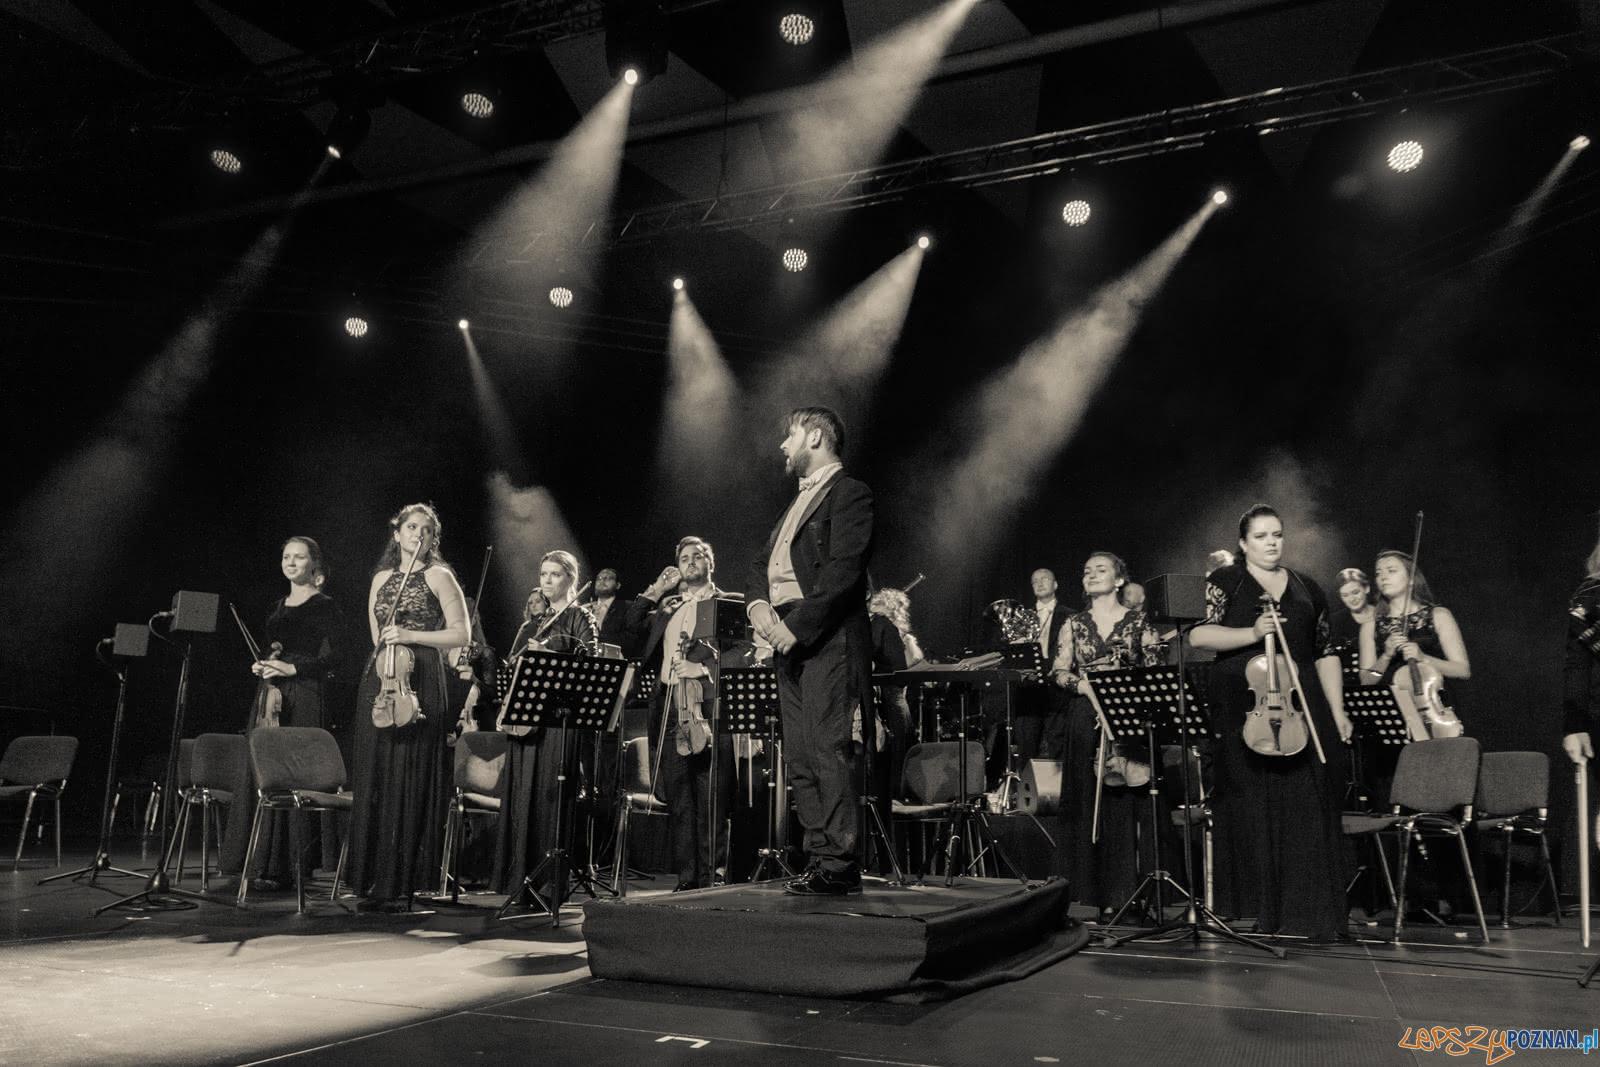 Wodecki Symfonicznie  Foto: lepszyPOZNAN.pl / Ewelina Jaśkowiak